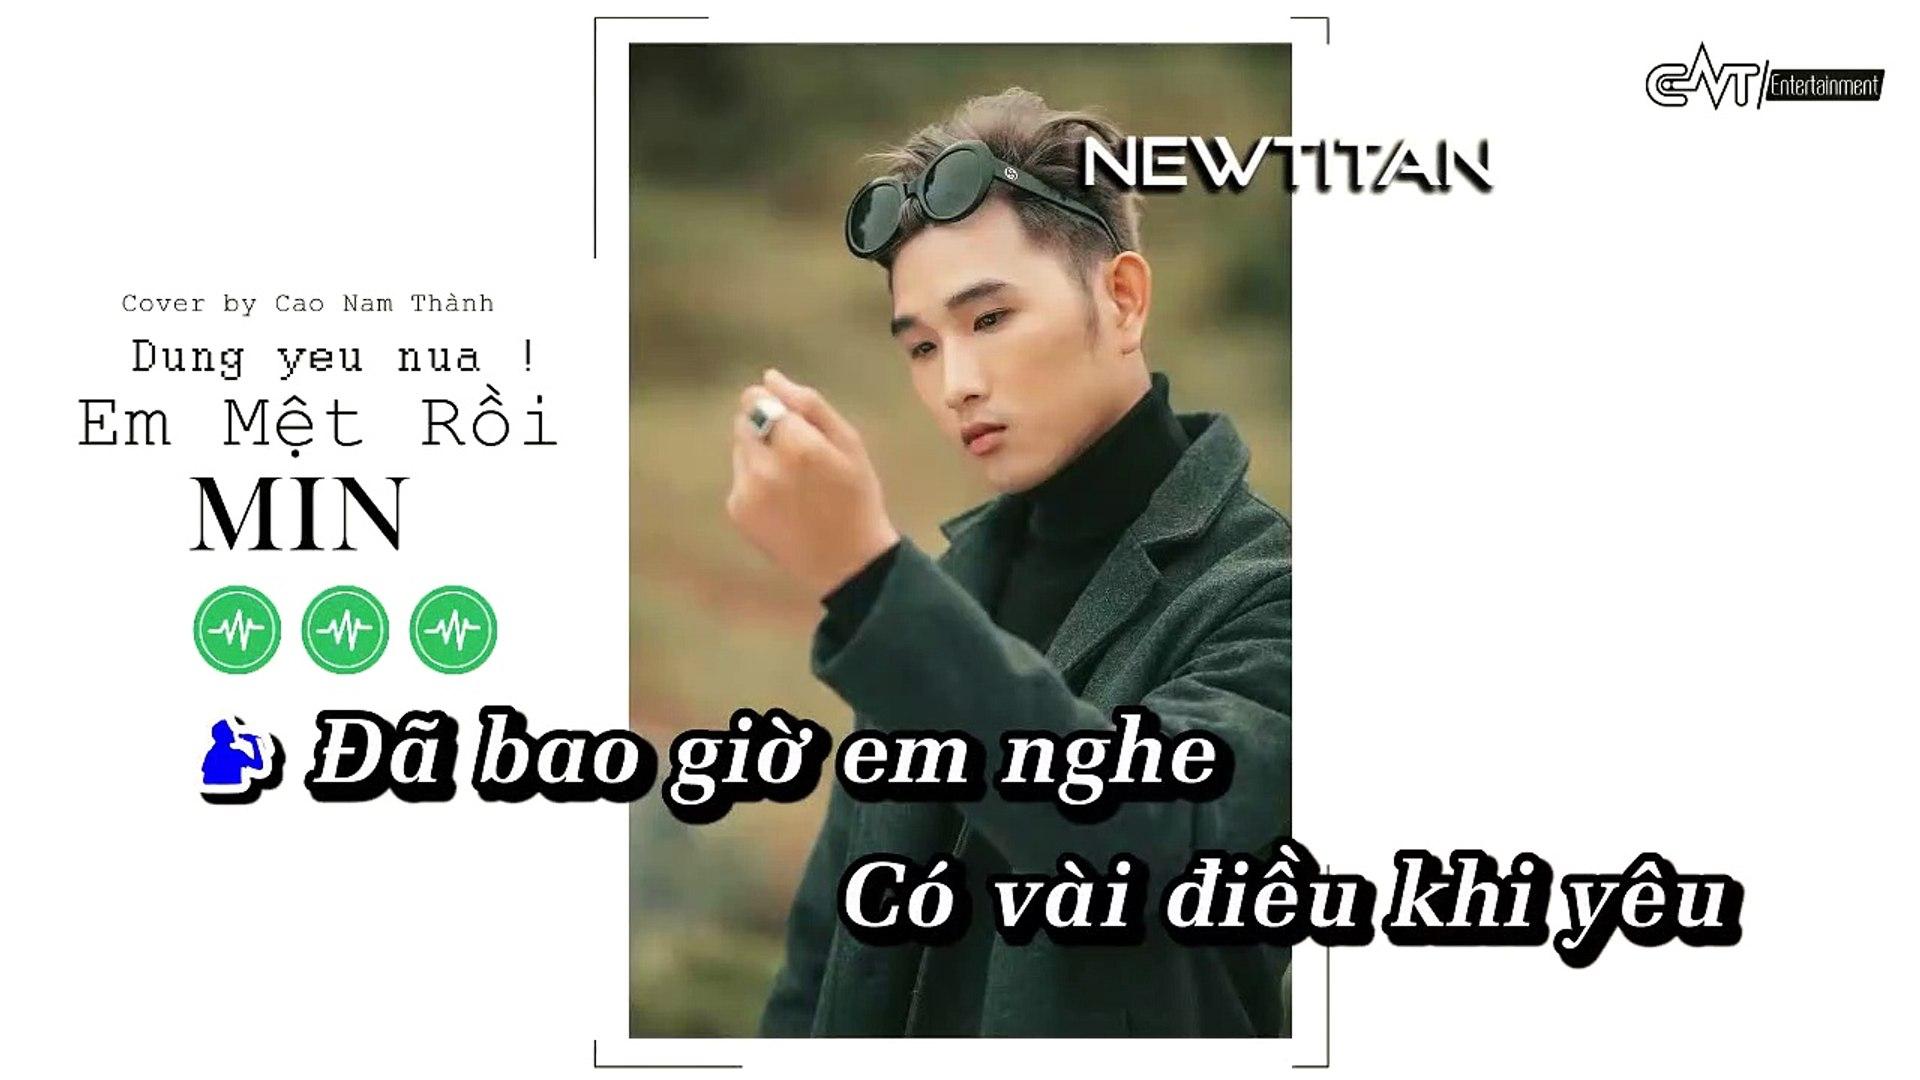 [Karaoke] Đừng Yêu Nữa Em Mệt Rồi (Cover Acoustic) - Cao Nam Thành [Beat]